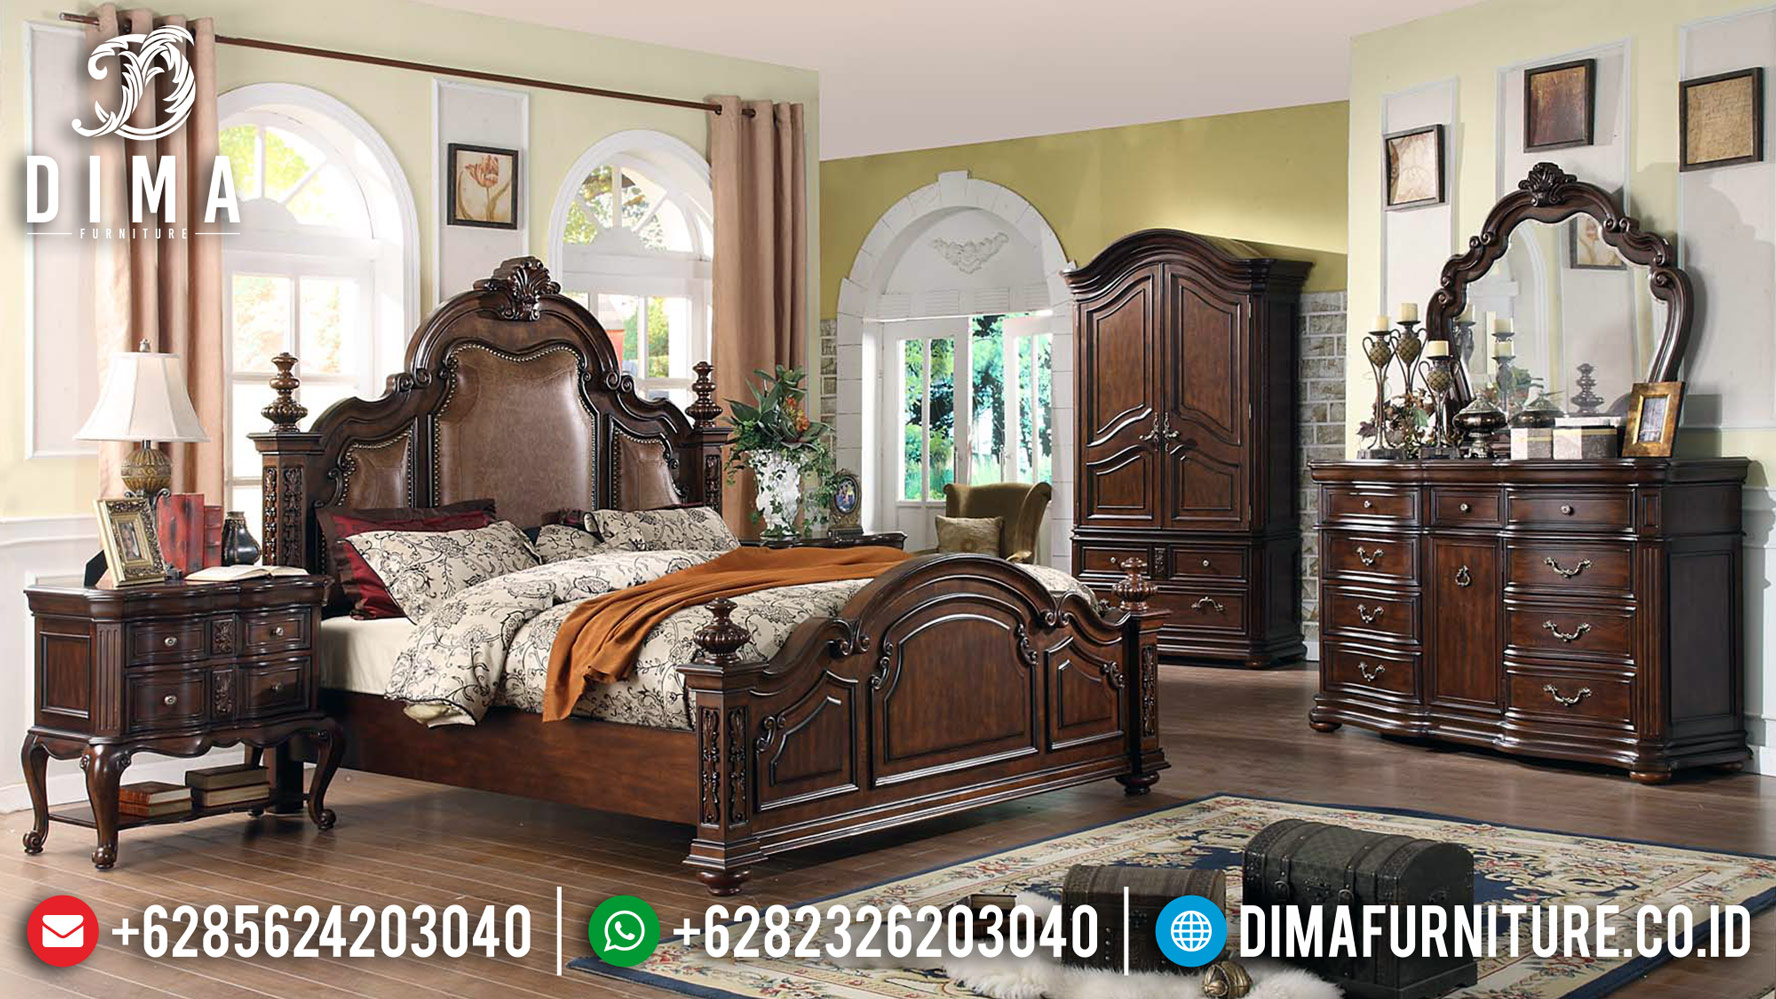 Sale Dipan Jati Jepara, New Tempat Tidur Mewah, Kamar Set Jepara DF-1198